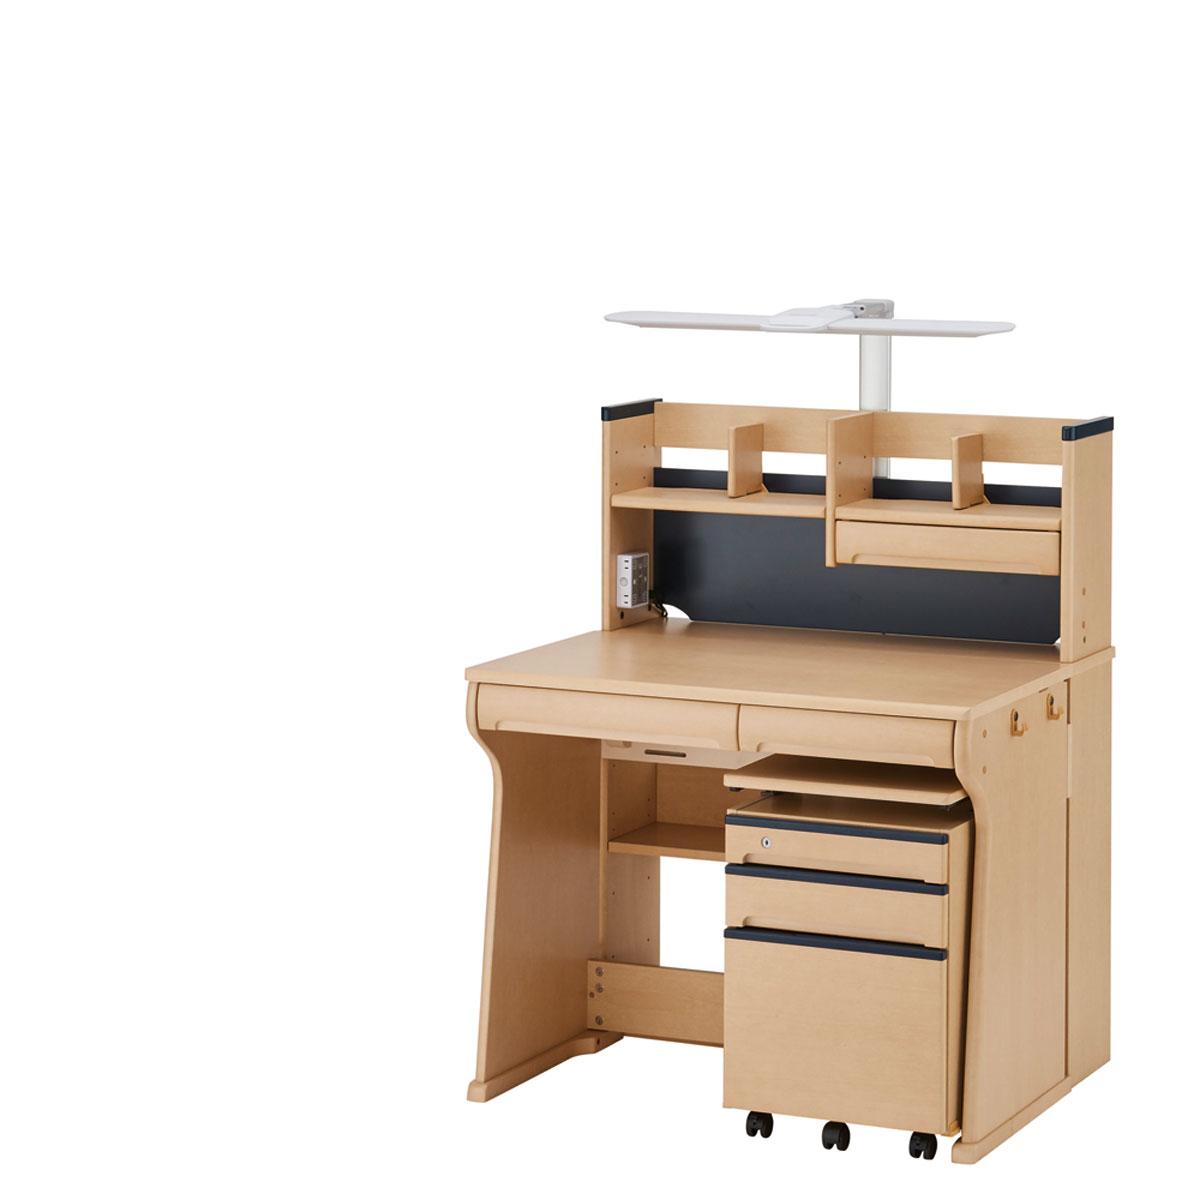 イトーキ ジョイカラーネオ 組みかえ型デスク 幅95×奥行75.5・88.5×高さ118cm ネイビー HU-F03NY-L51ES